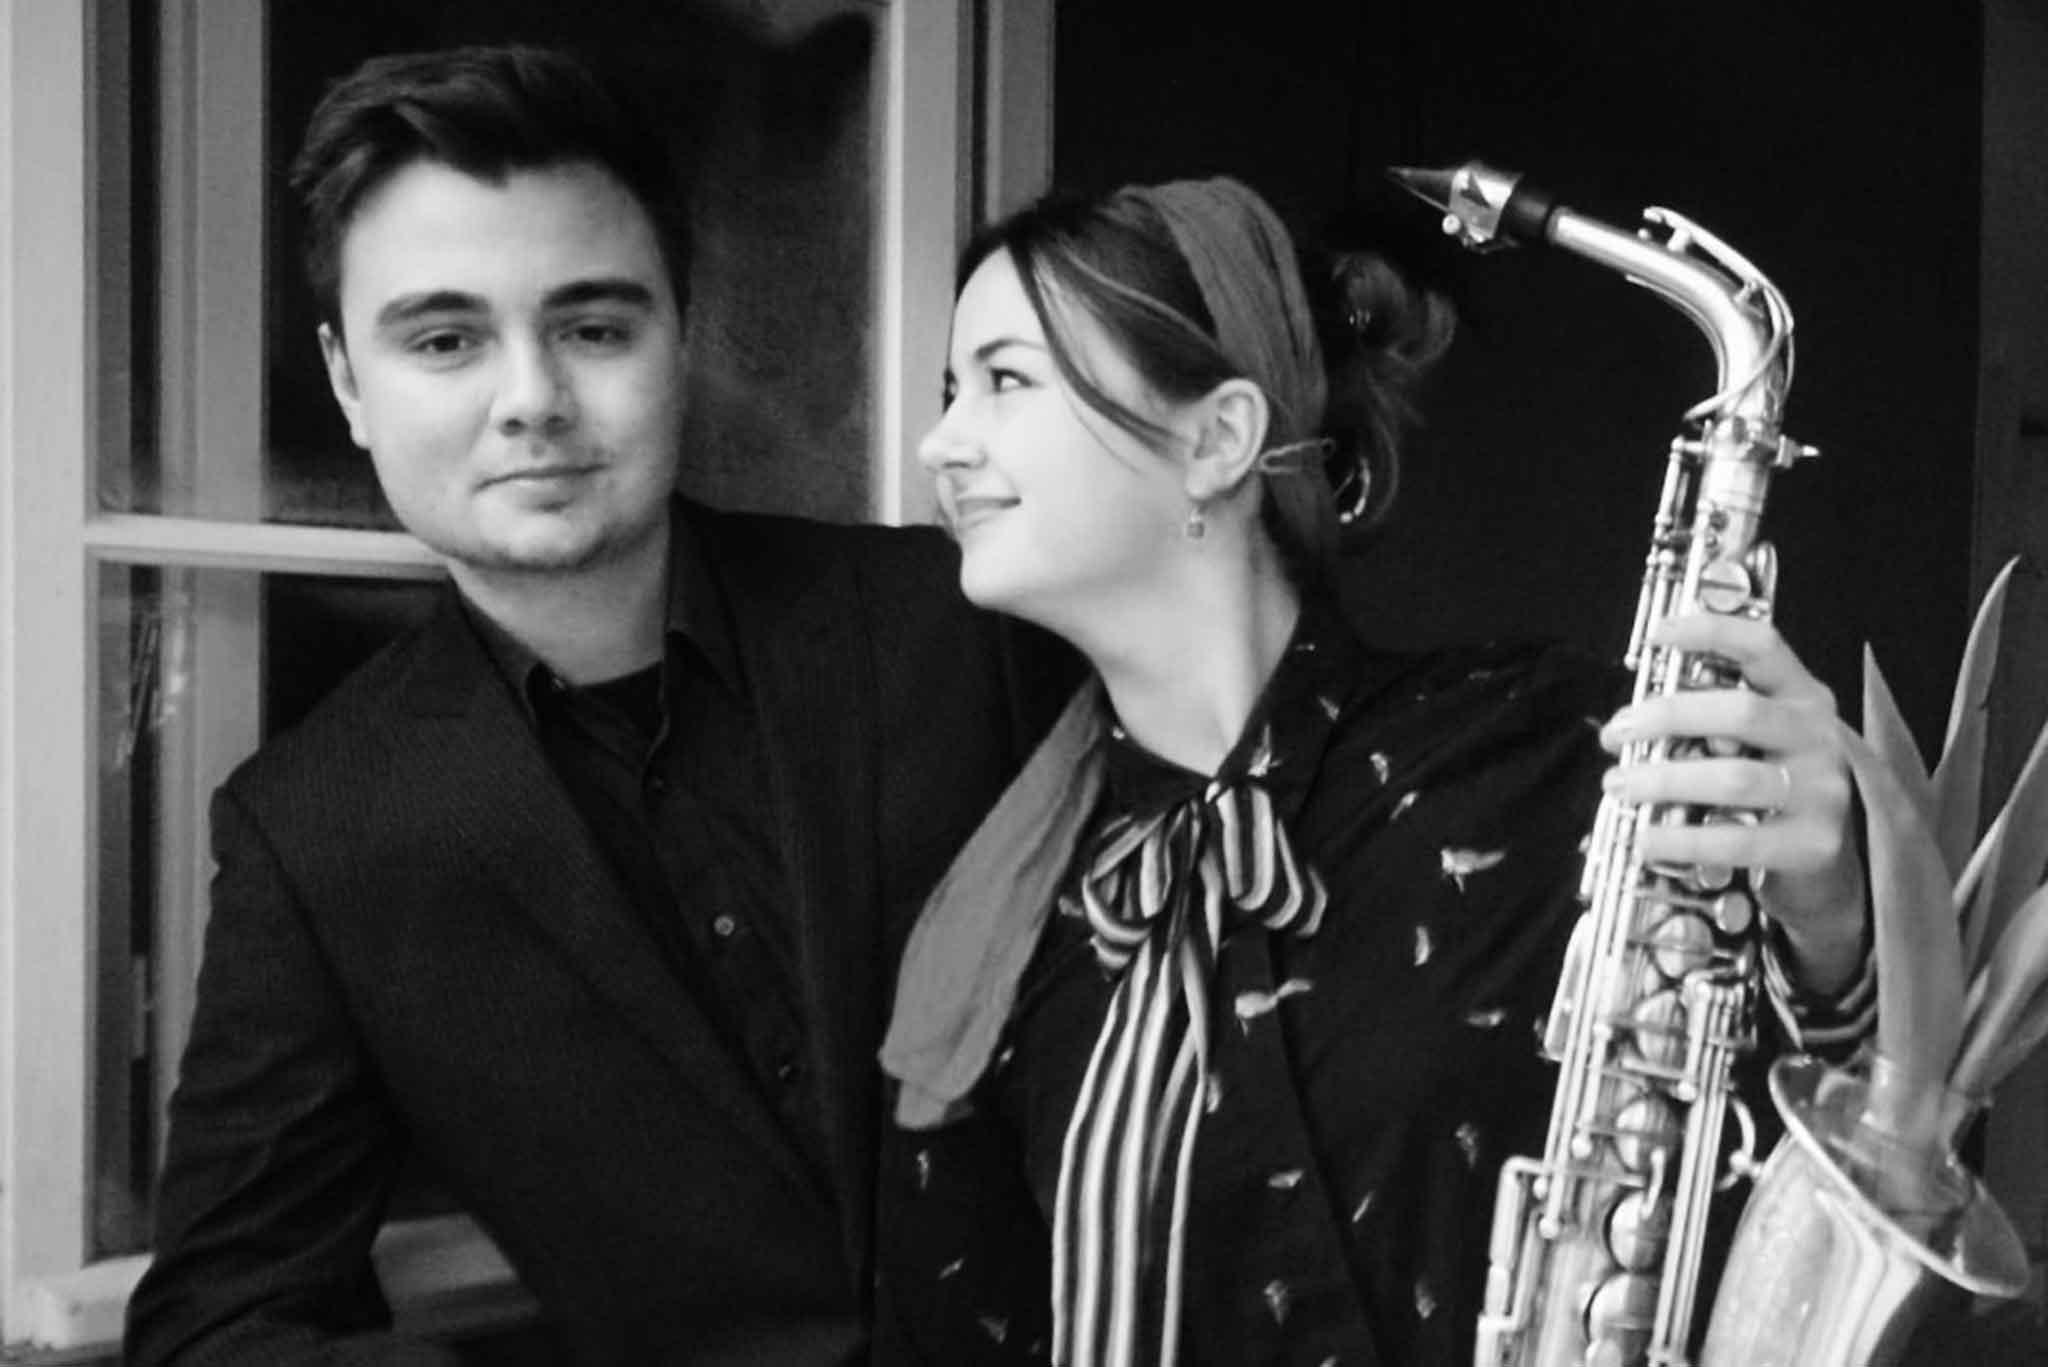 Die Saxophonistin Lina Peters und ein Pianist schauen durch ein Fenster